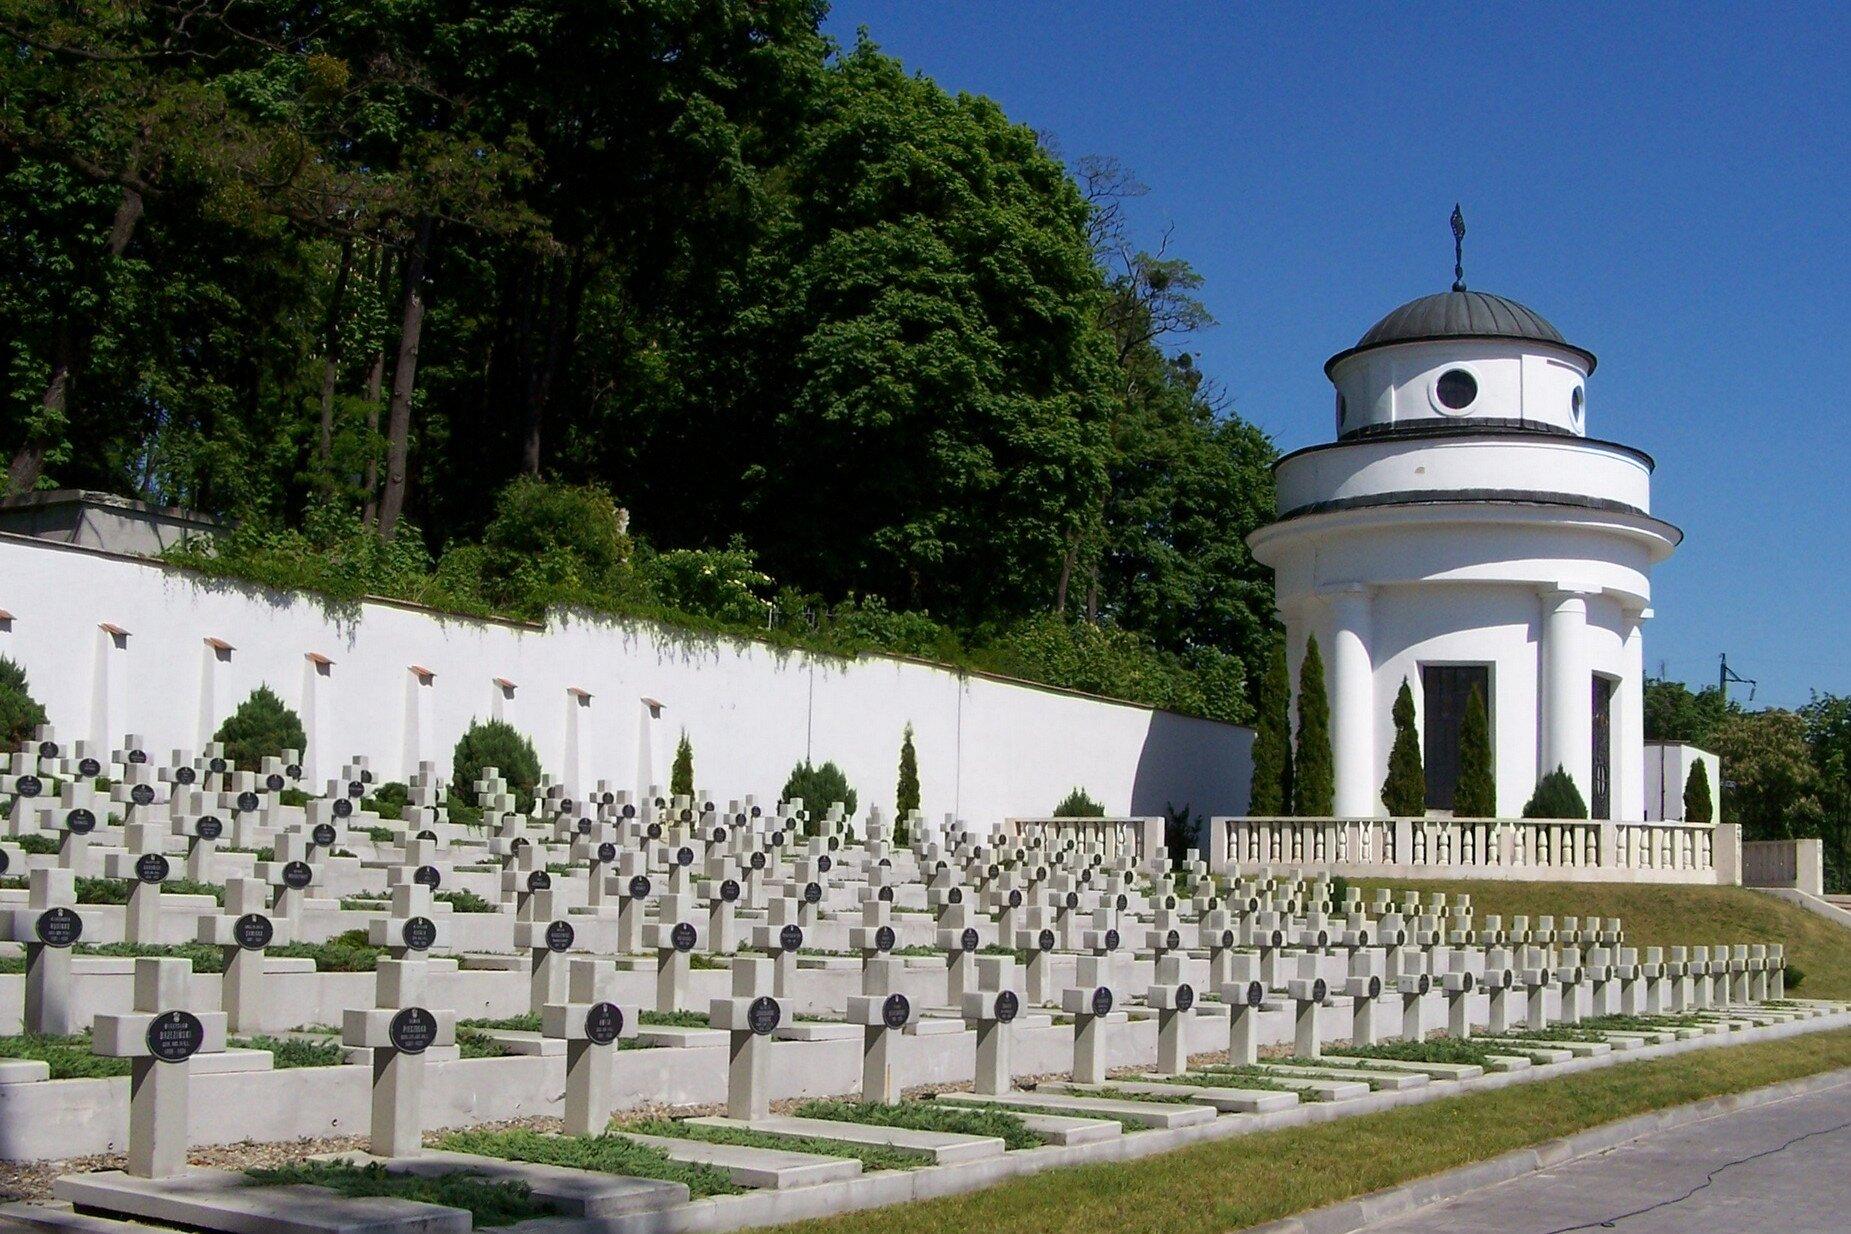 Cmentarz Orląt Lwowskich po renowacji Cmentarz Orląt Lwowskich po renowacji Źródło: Jan Mehlich, licencja: CC BY-SA 3.0.